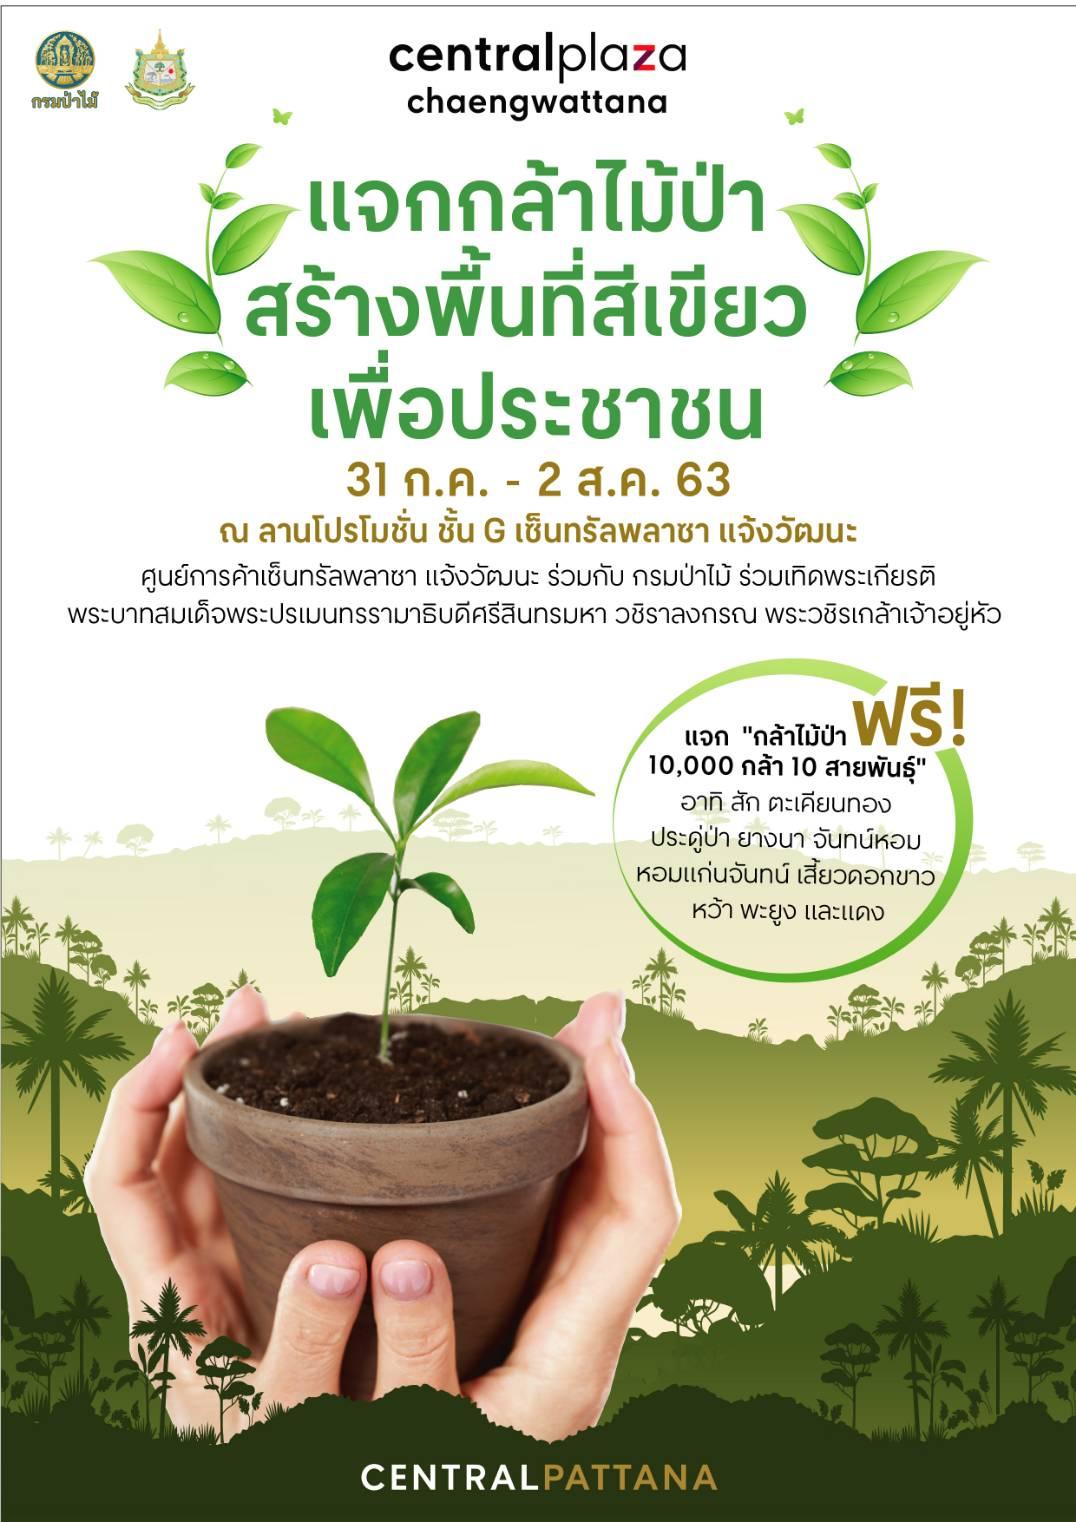 """โครงการ """"แจกกล้าไม้ป่า สร้างพื้นที่สีเขียว เพื่อประชาชน"""""""